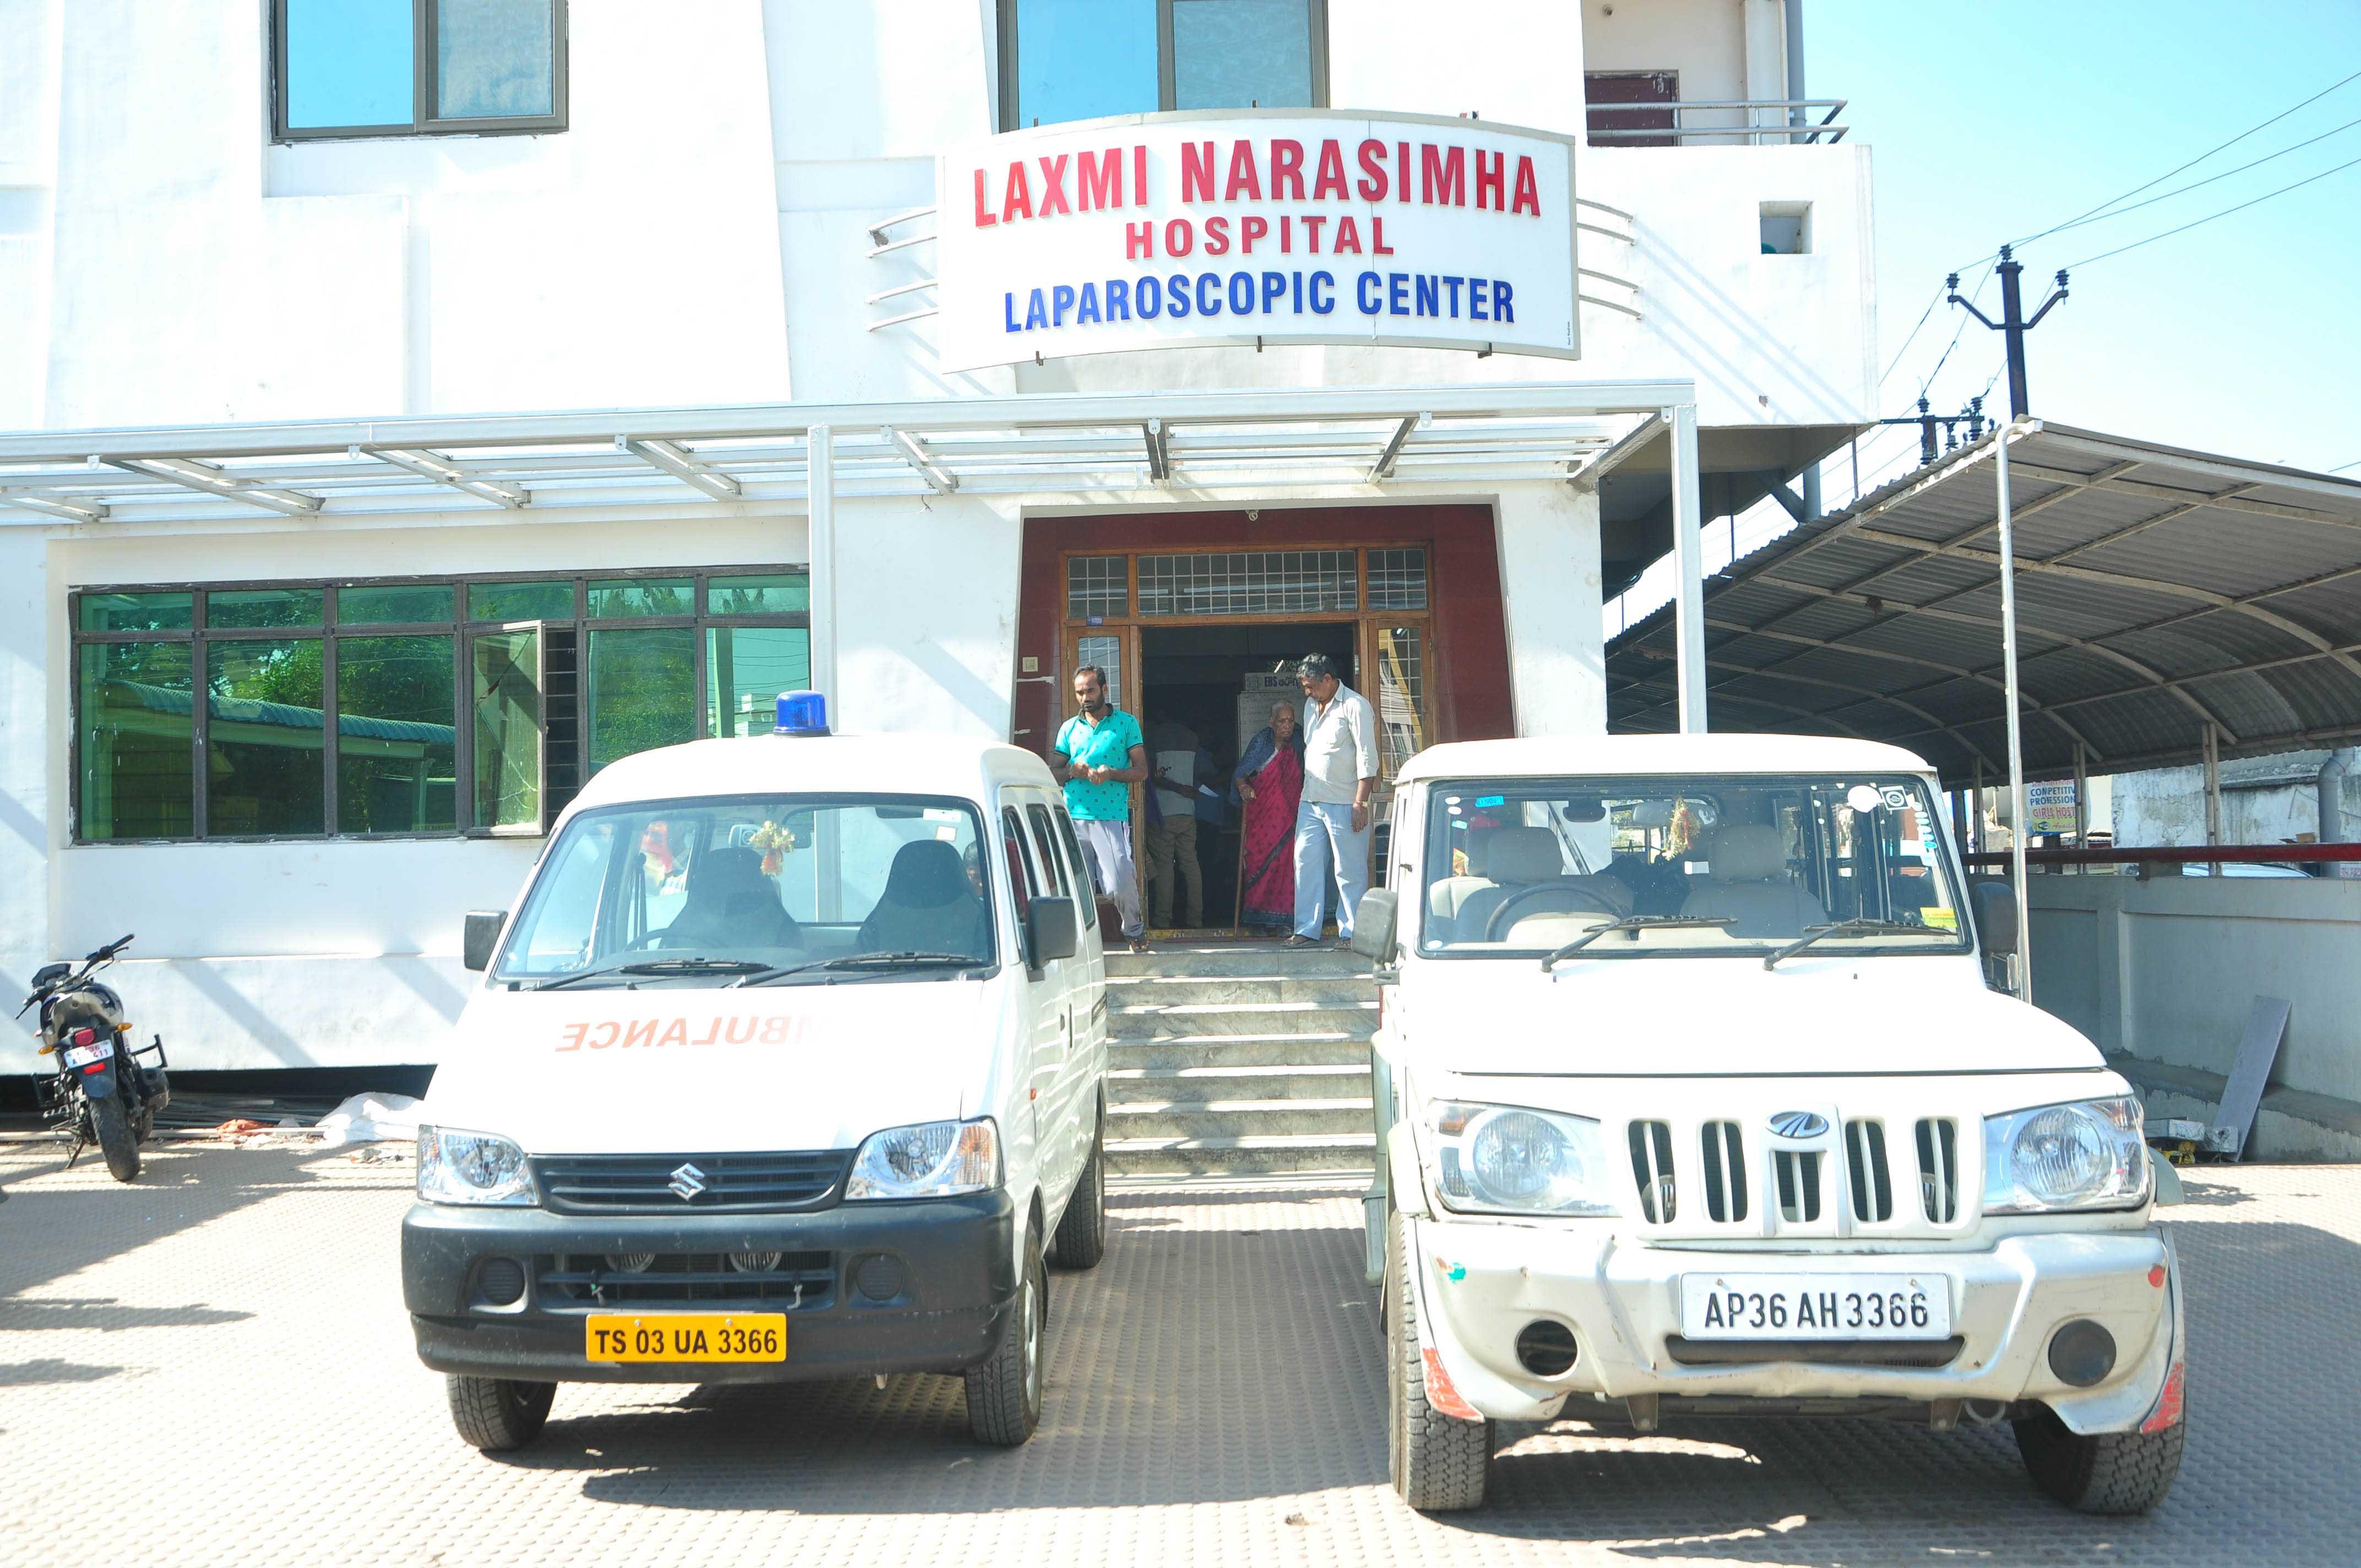 Ambulance for patient